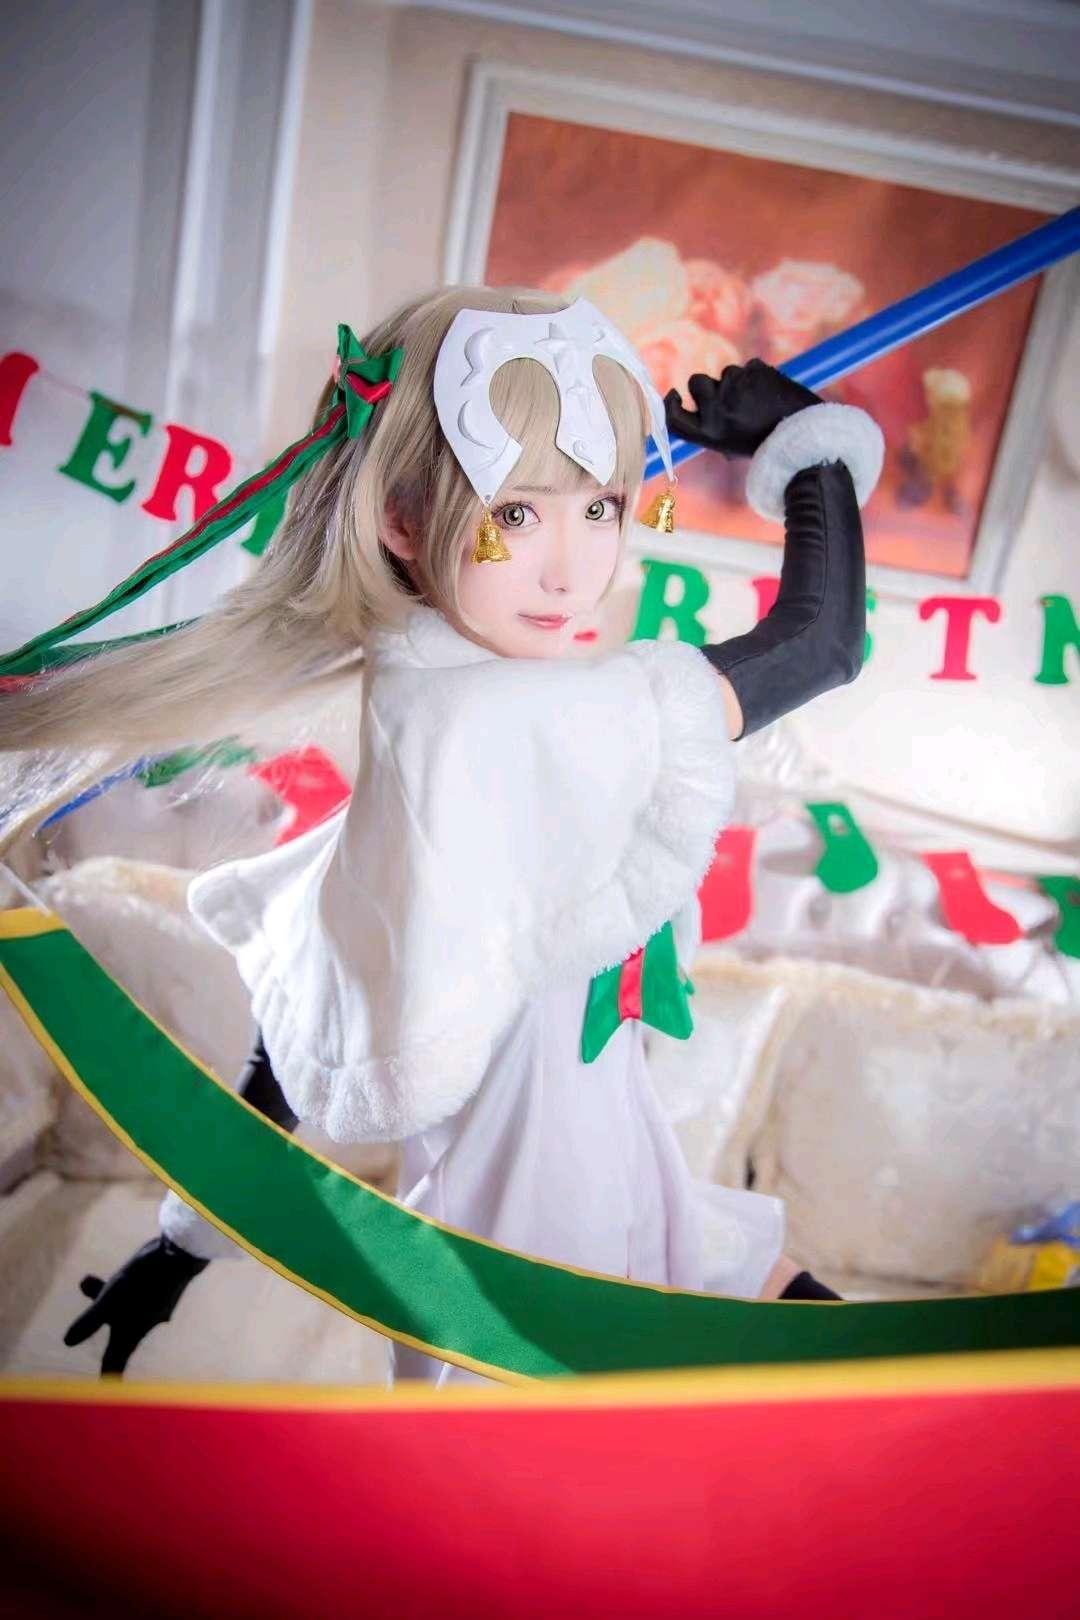 【cos】圣诞贞德,禁止通行r18漫